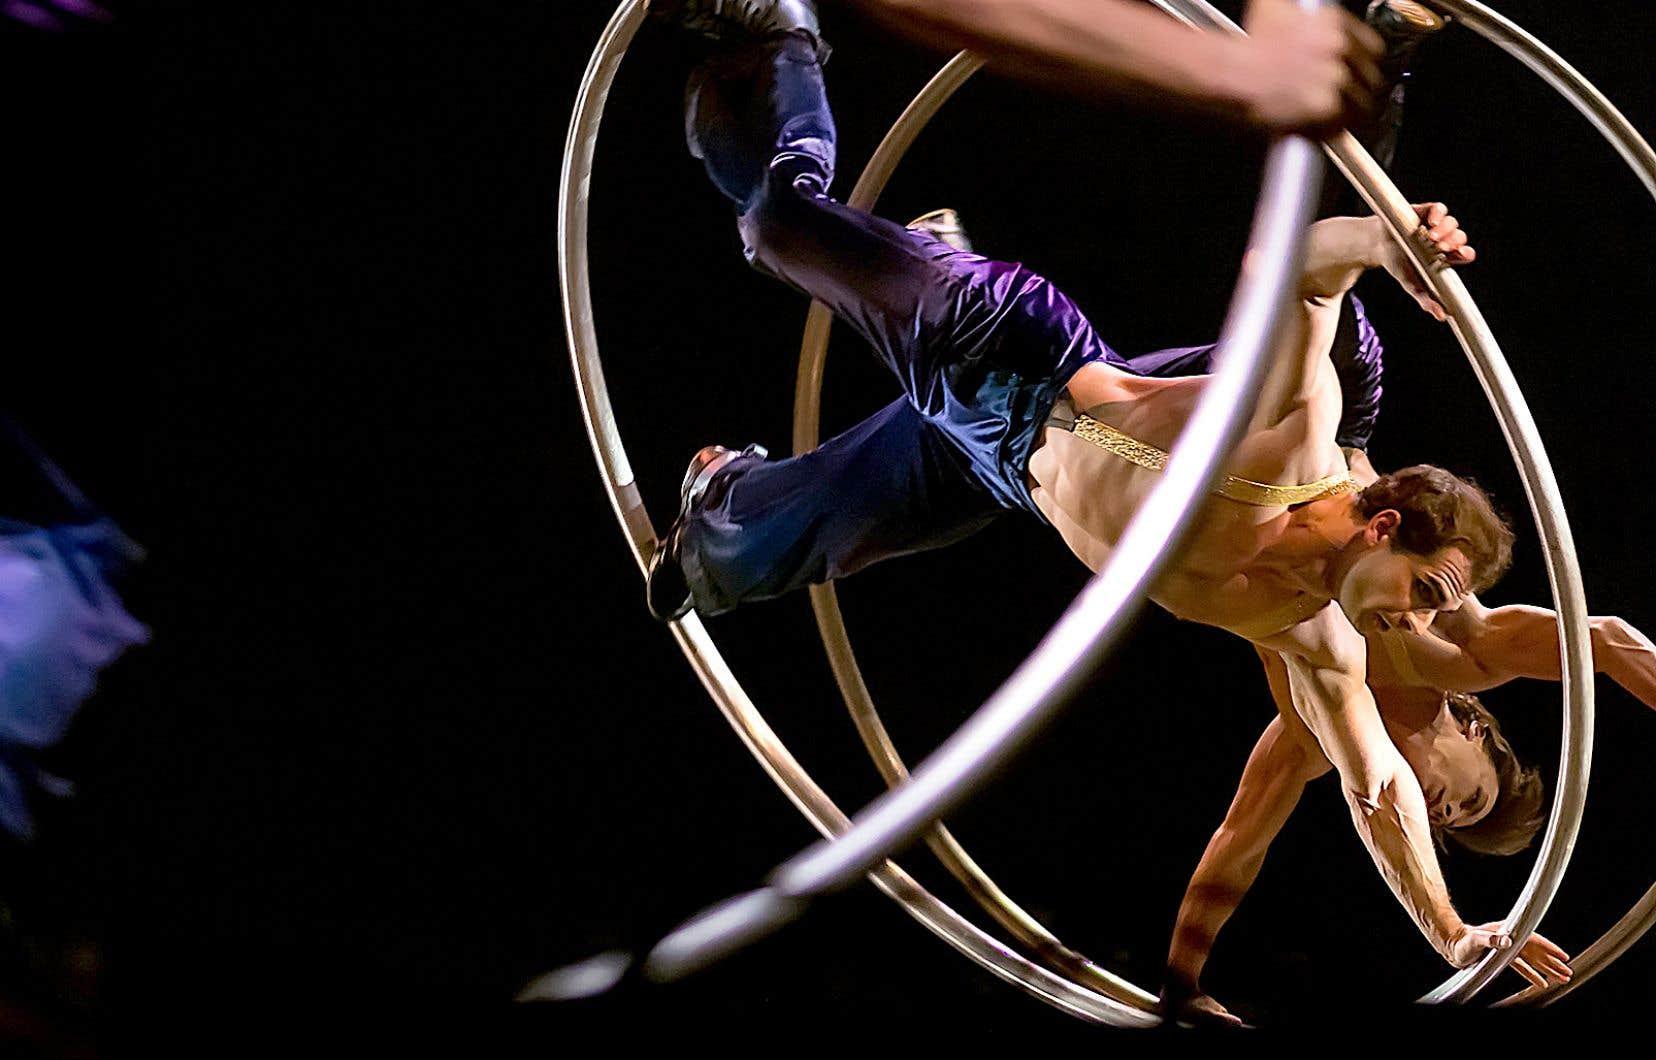 Personne n'a dépassé l'offre des créanciers du Cirque, qui en prendront le contrôle.